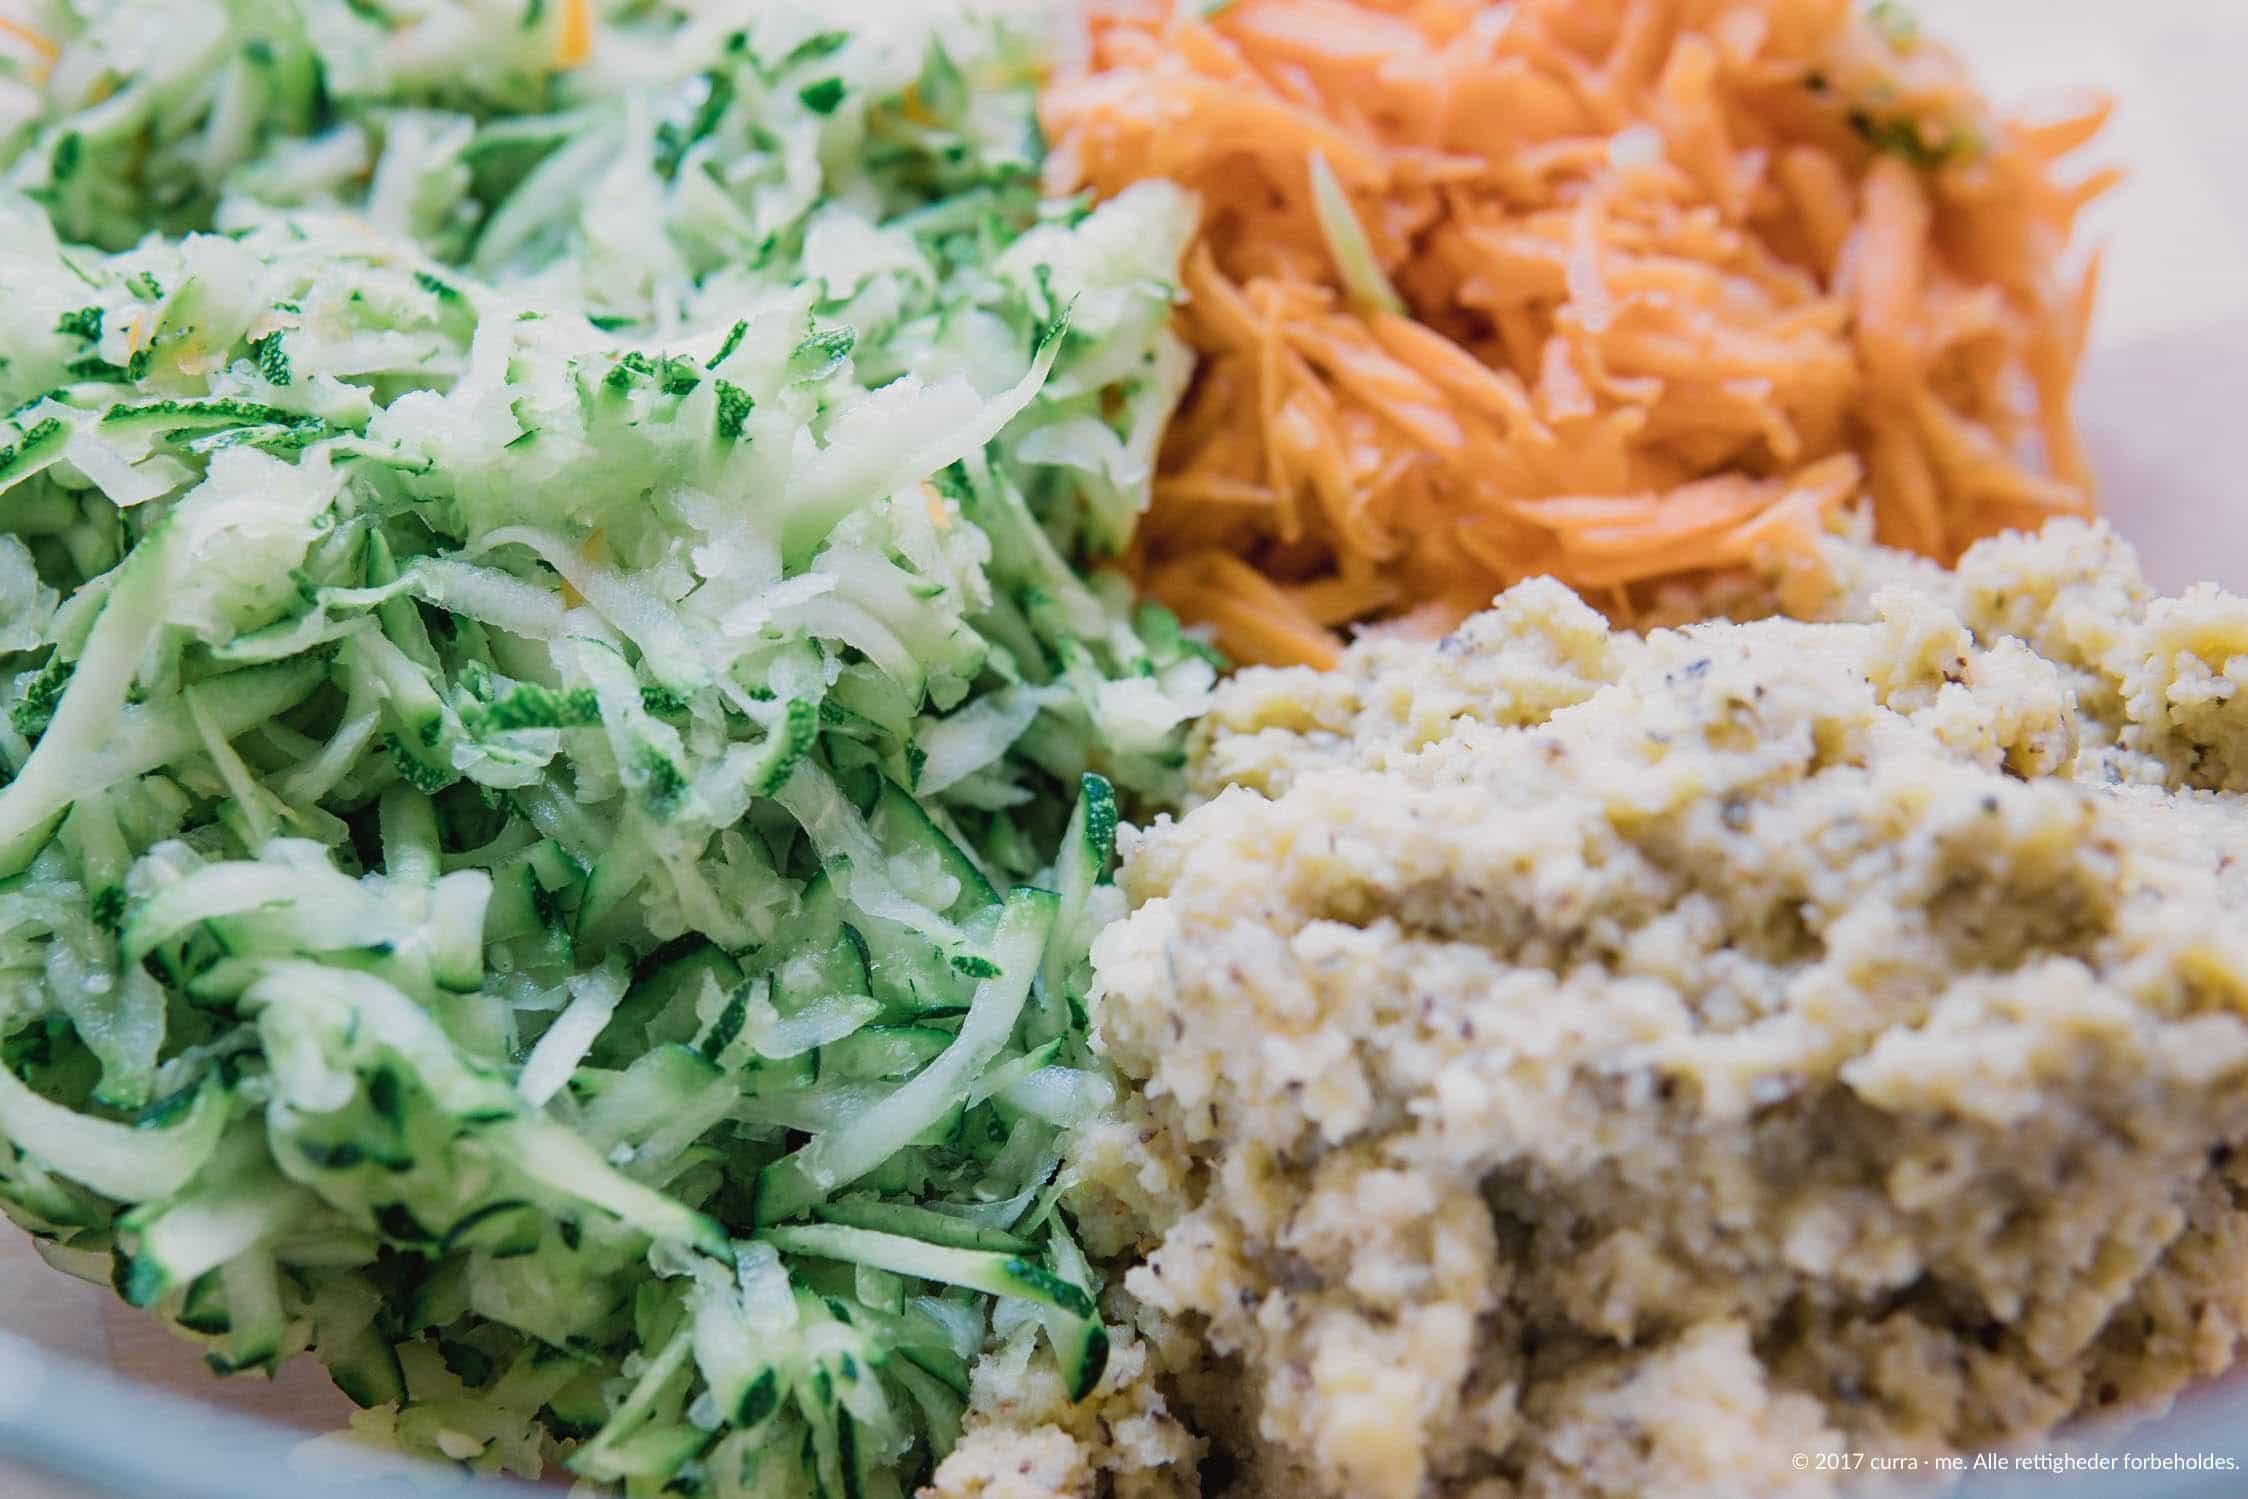 Flot Grøntsagswraps - pitabrød uden korn CQ-24